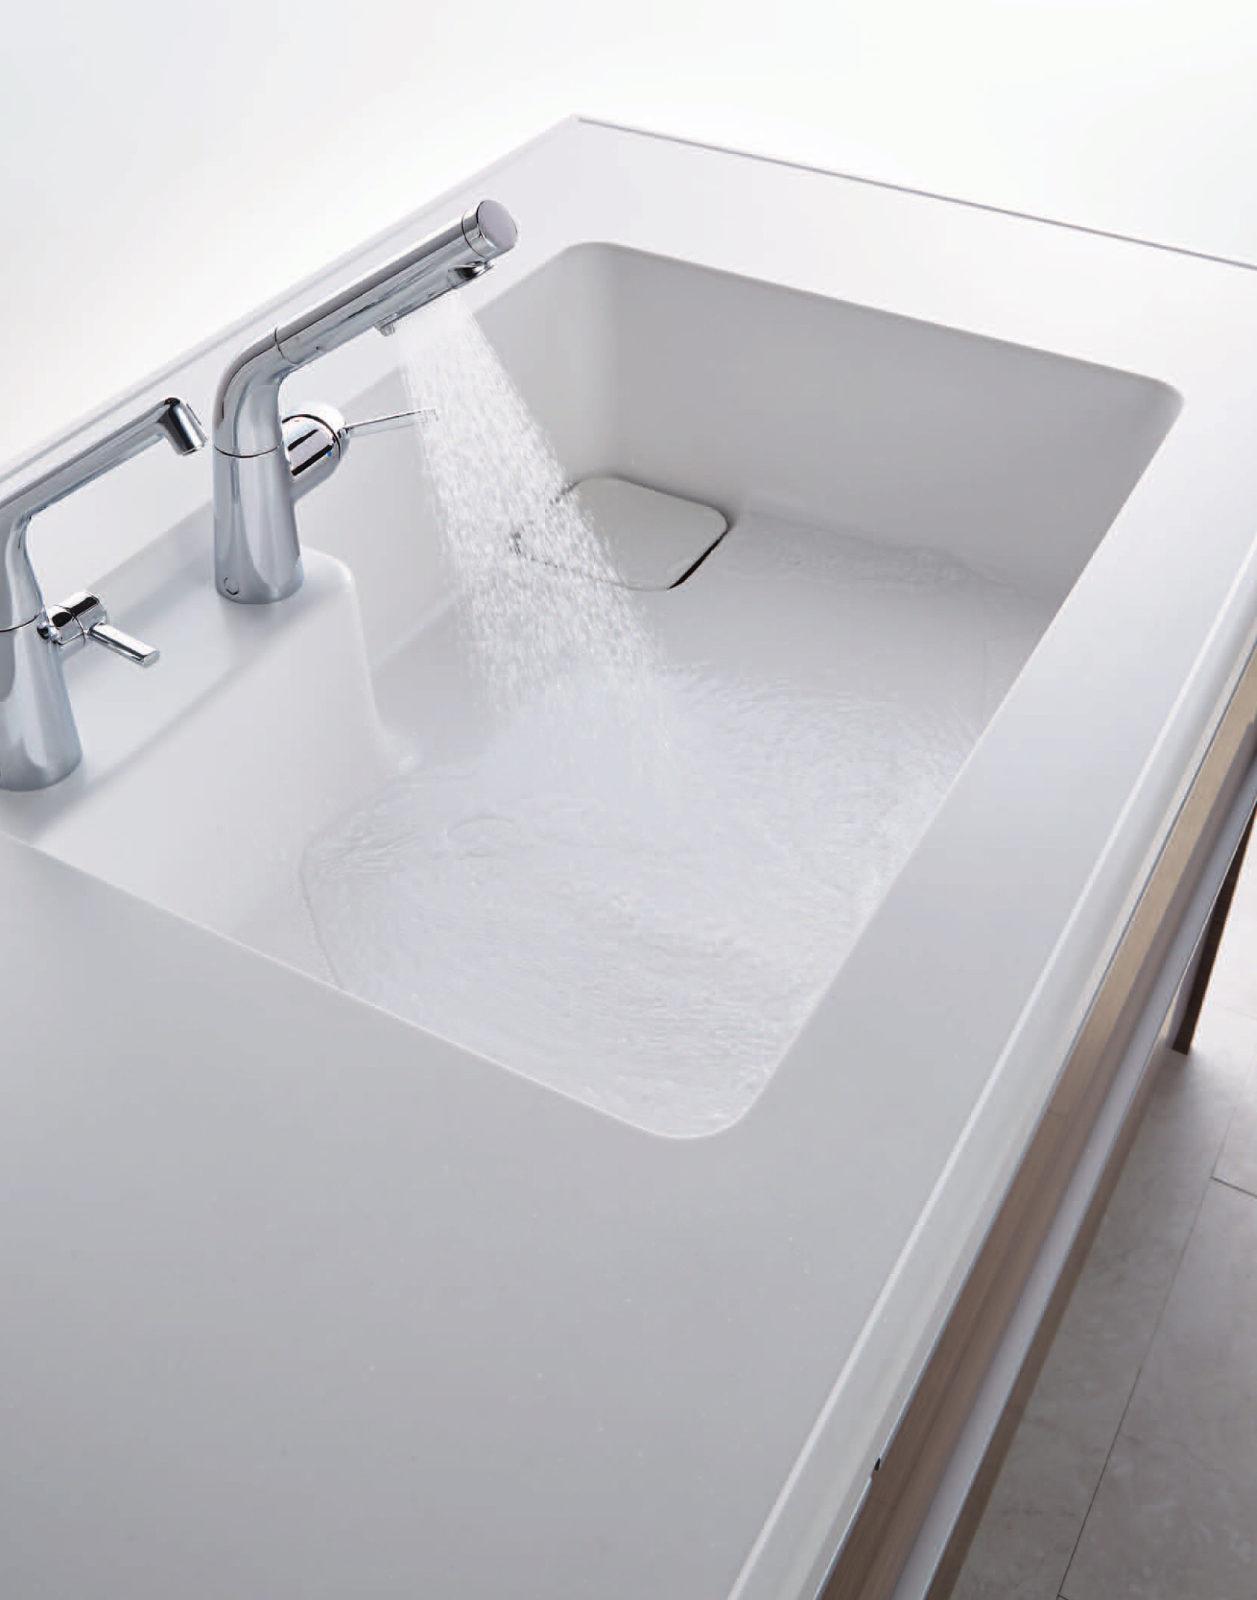 「排水口に向かって水がスイスイ流れるから、手間も省けて使いやすい。」